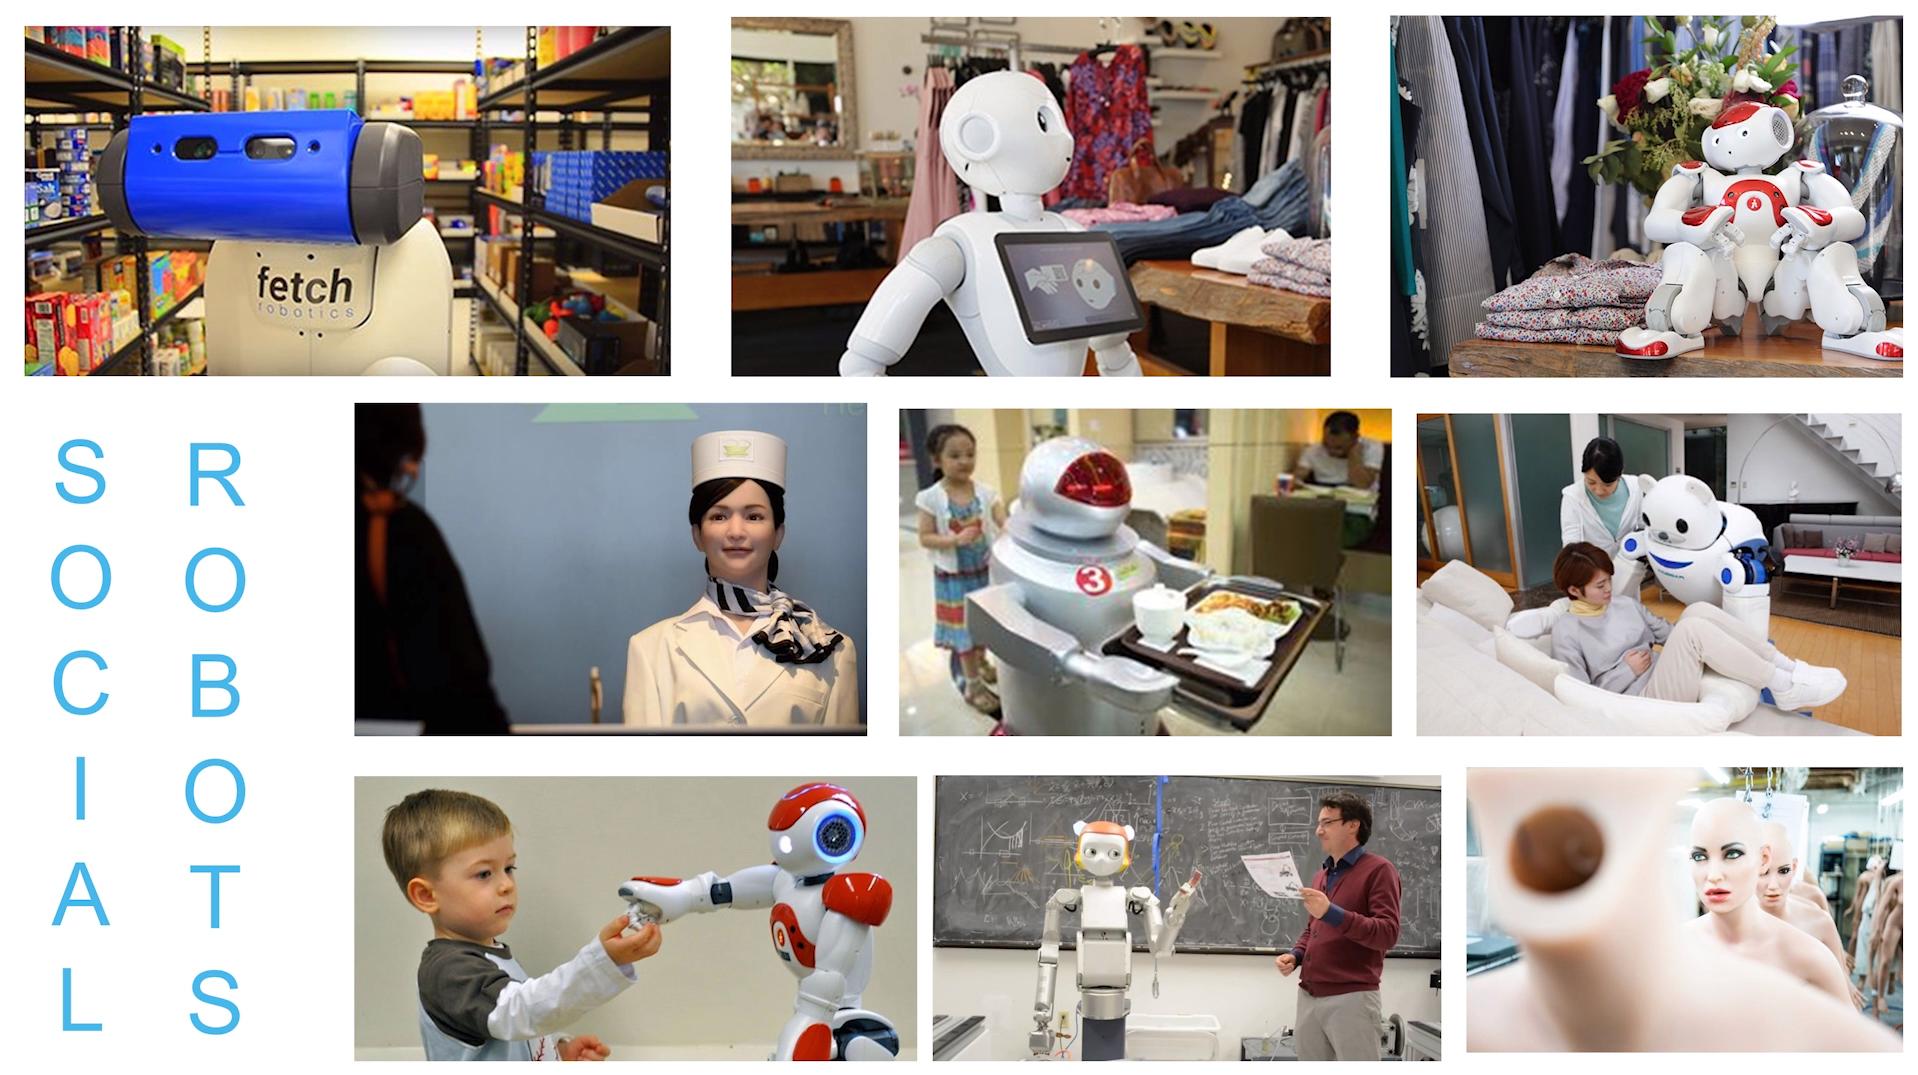 Schmitt_Human or Robot_2